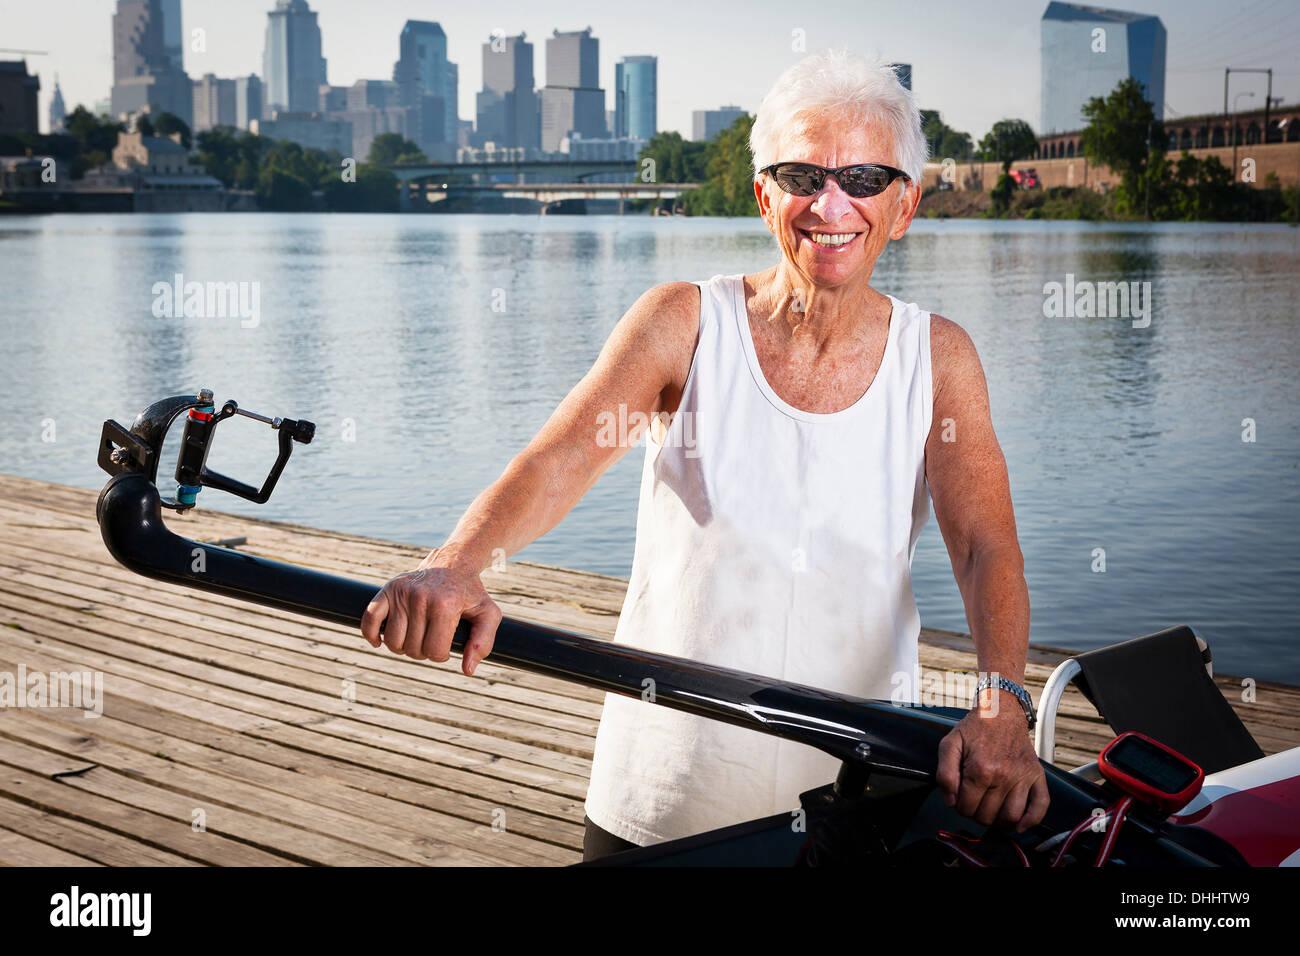 La rameuse sur jetée avec bateau à rames Banque D'Images